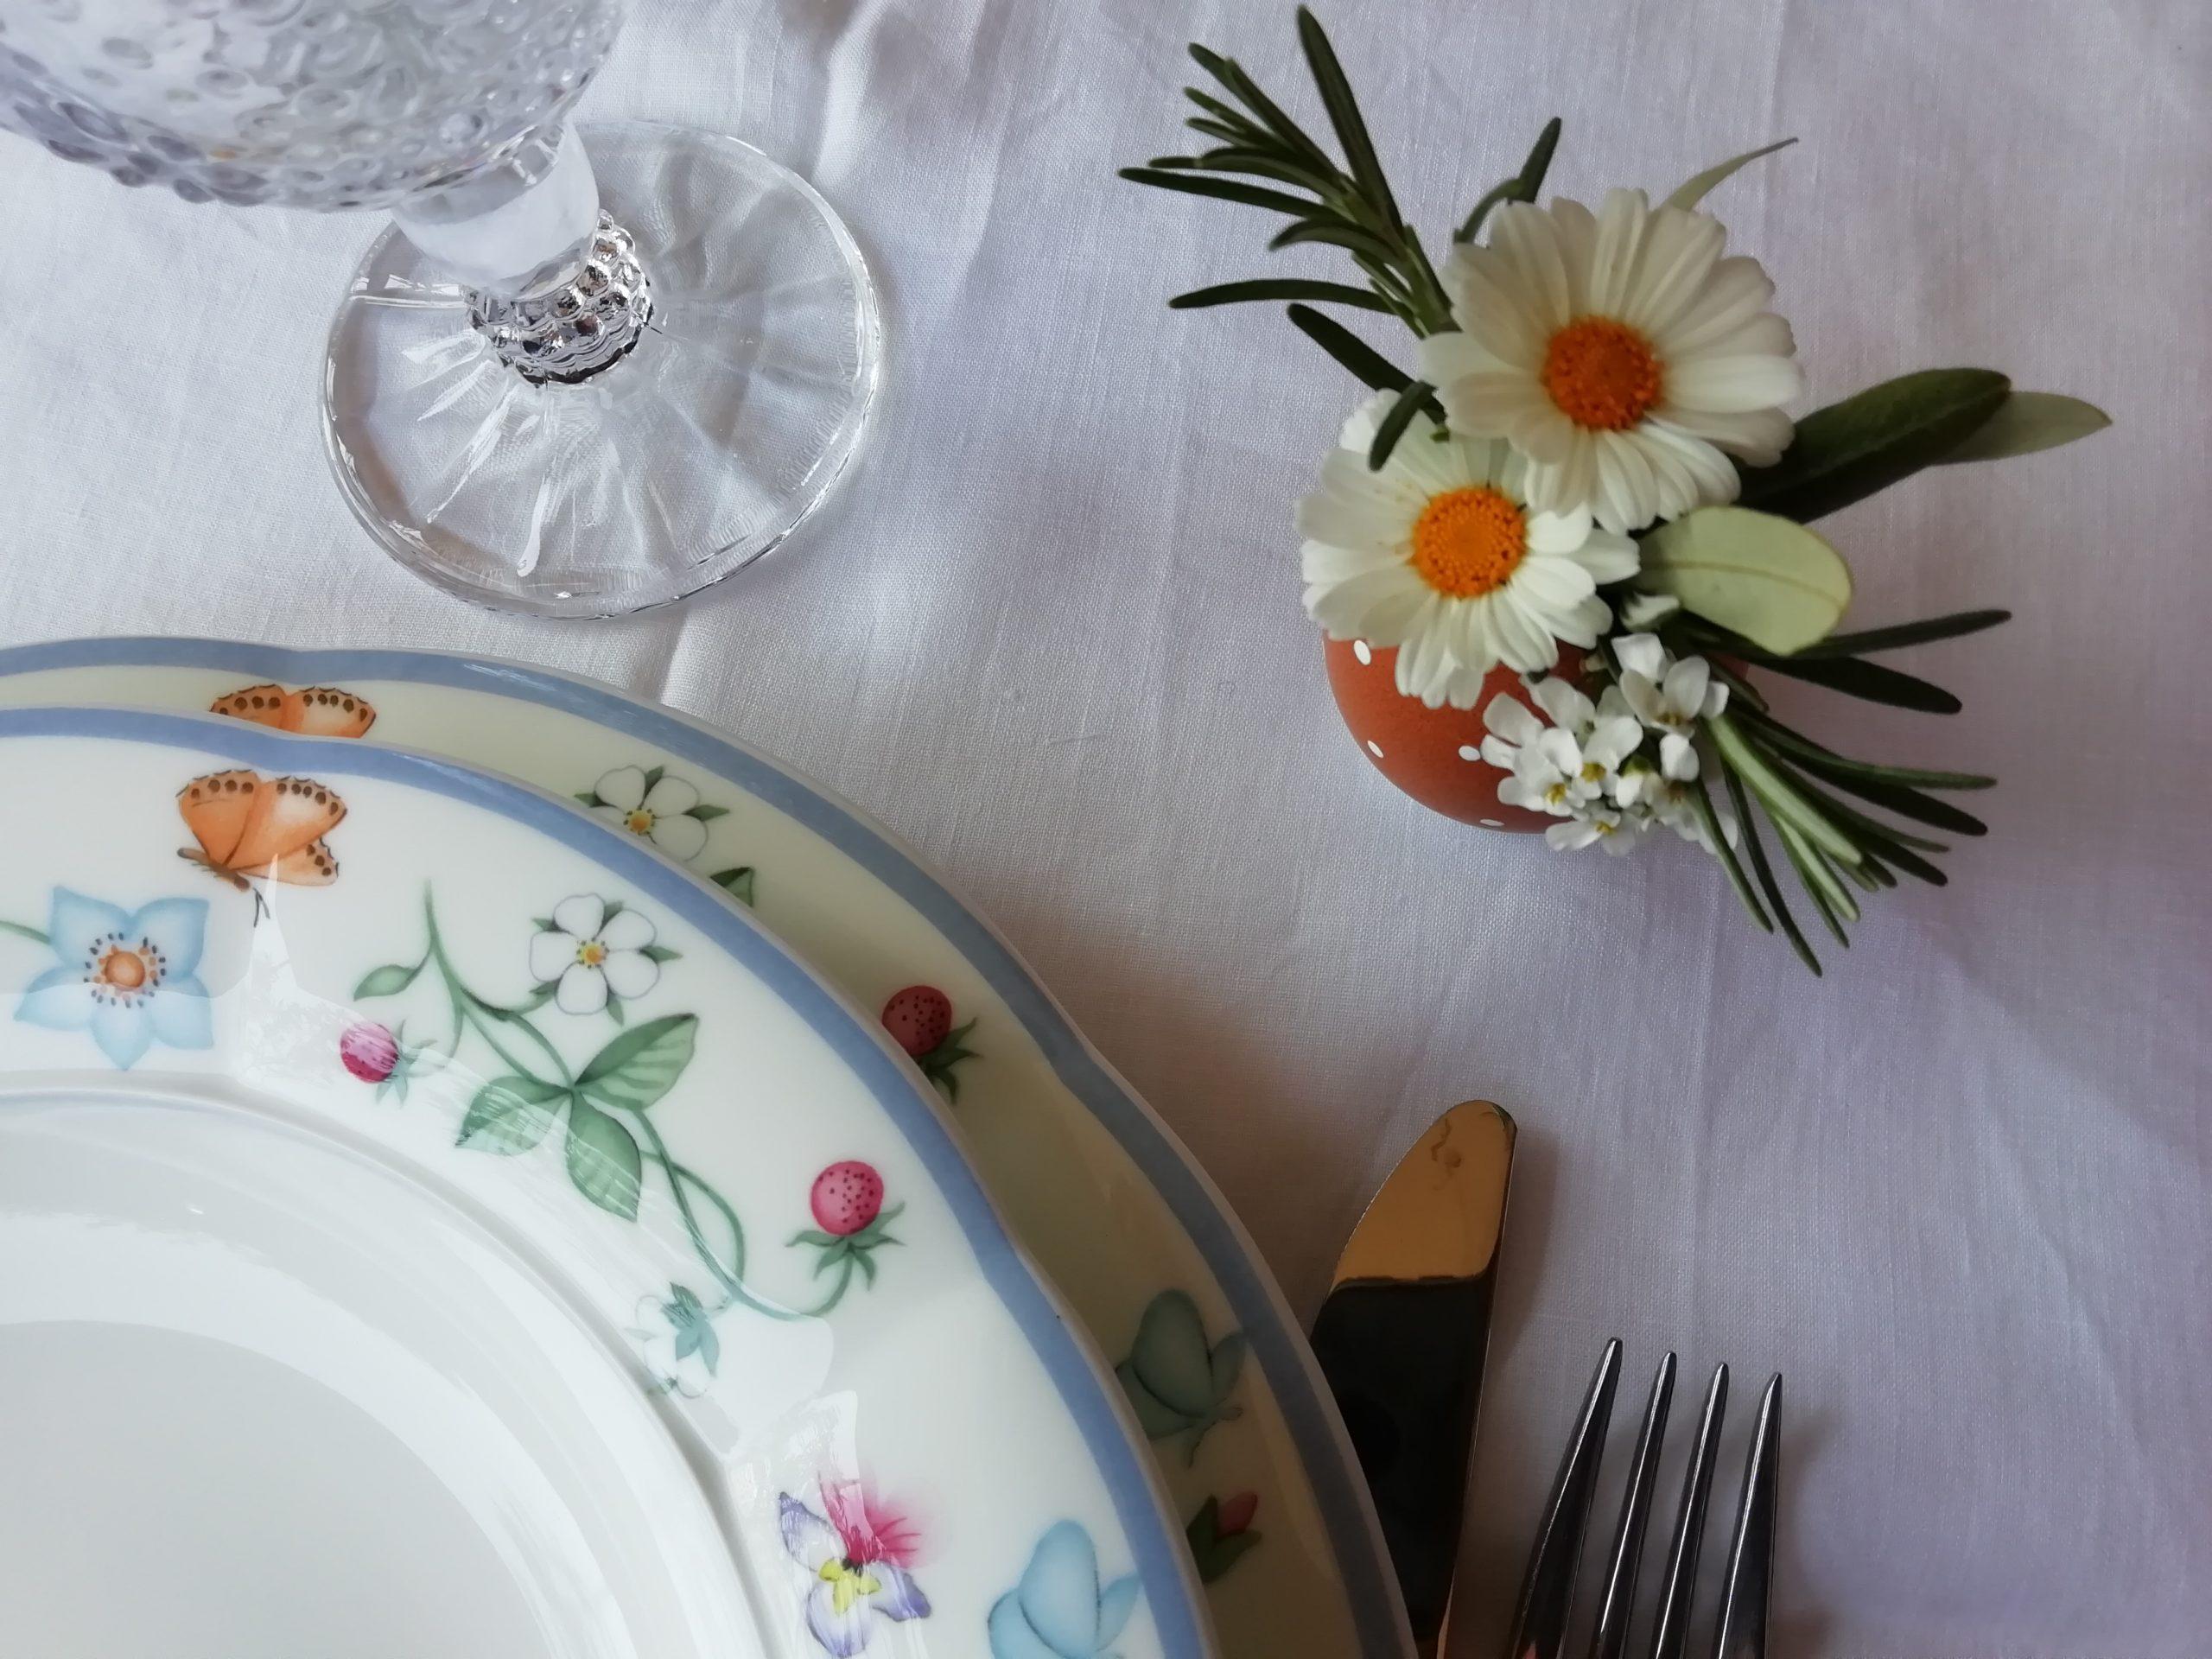 laboratorio floreale Pasqua uovo fiorito segnaposto